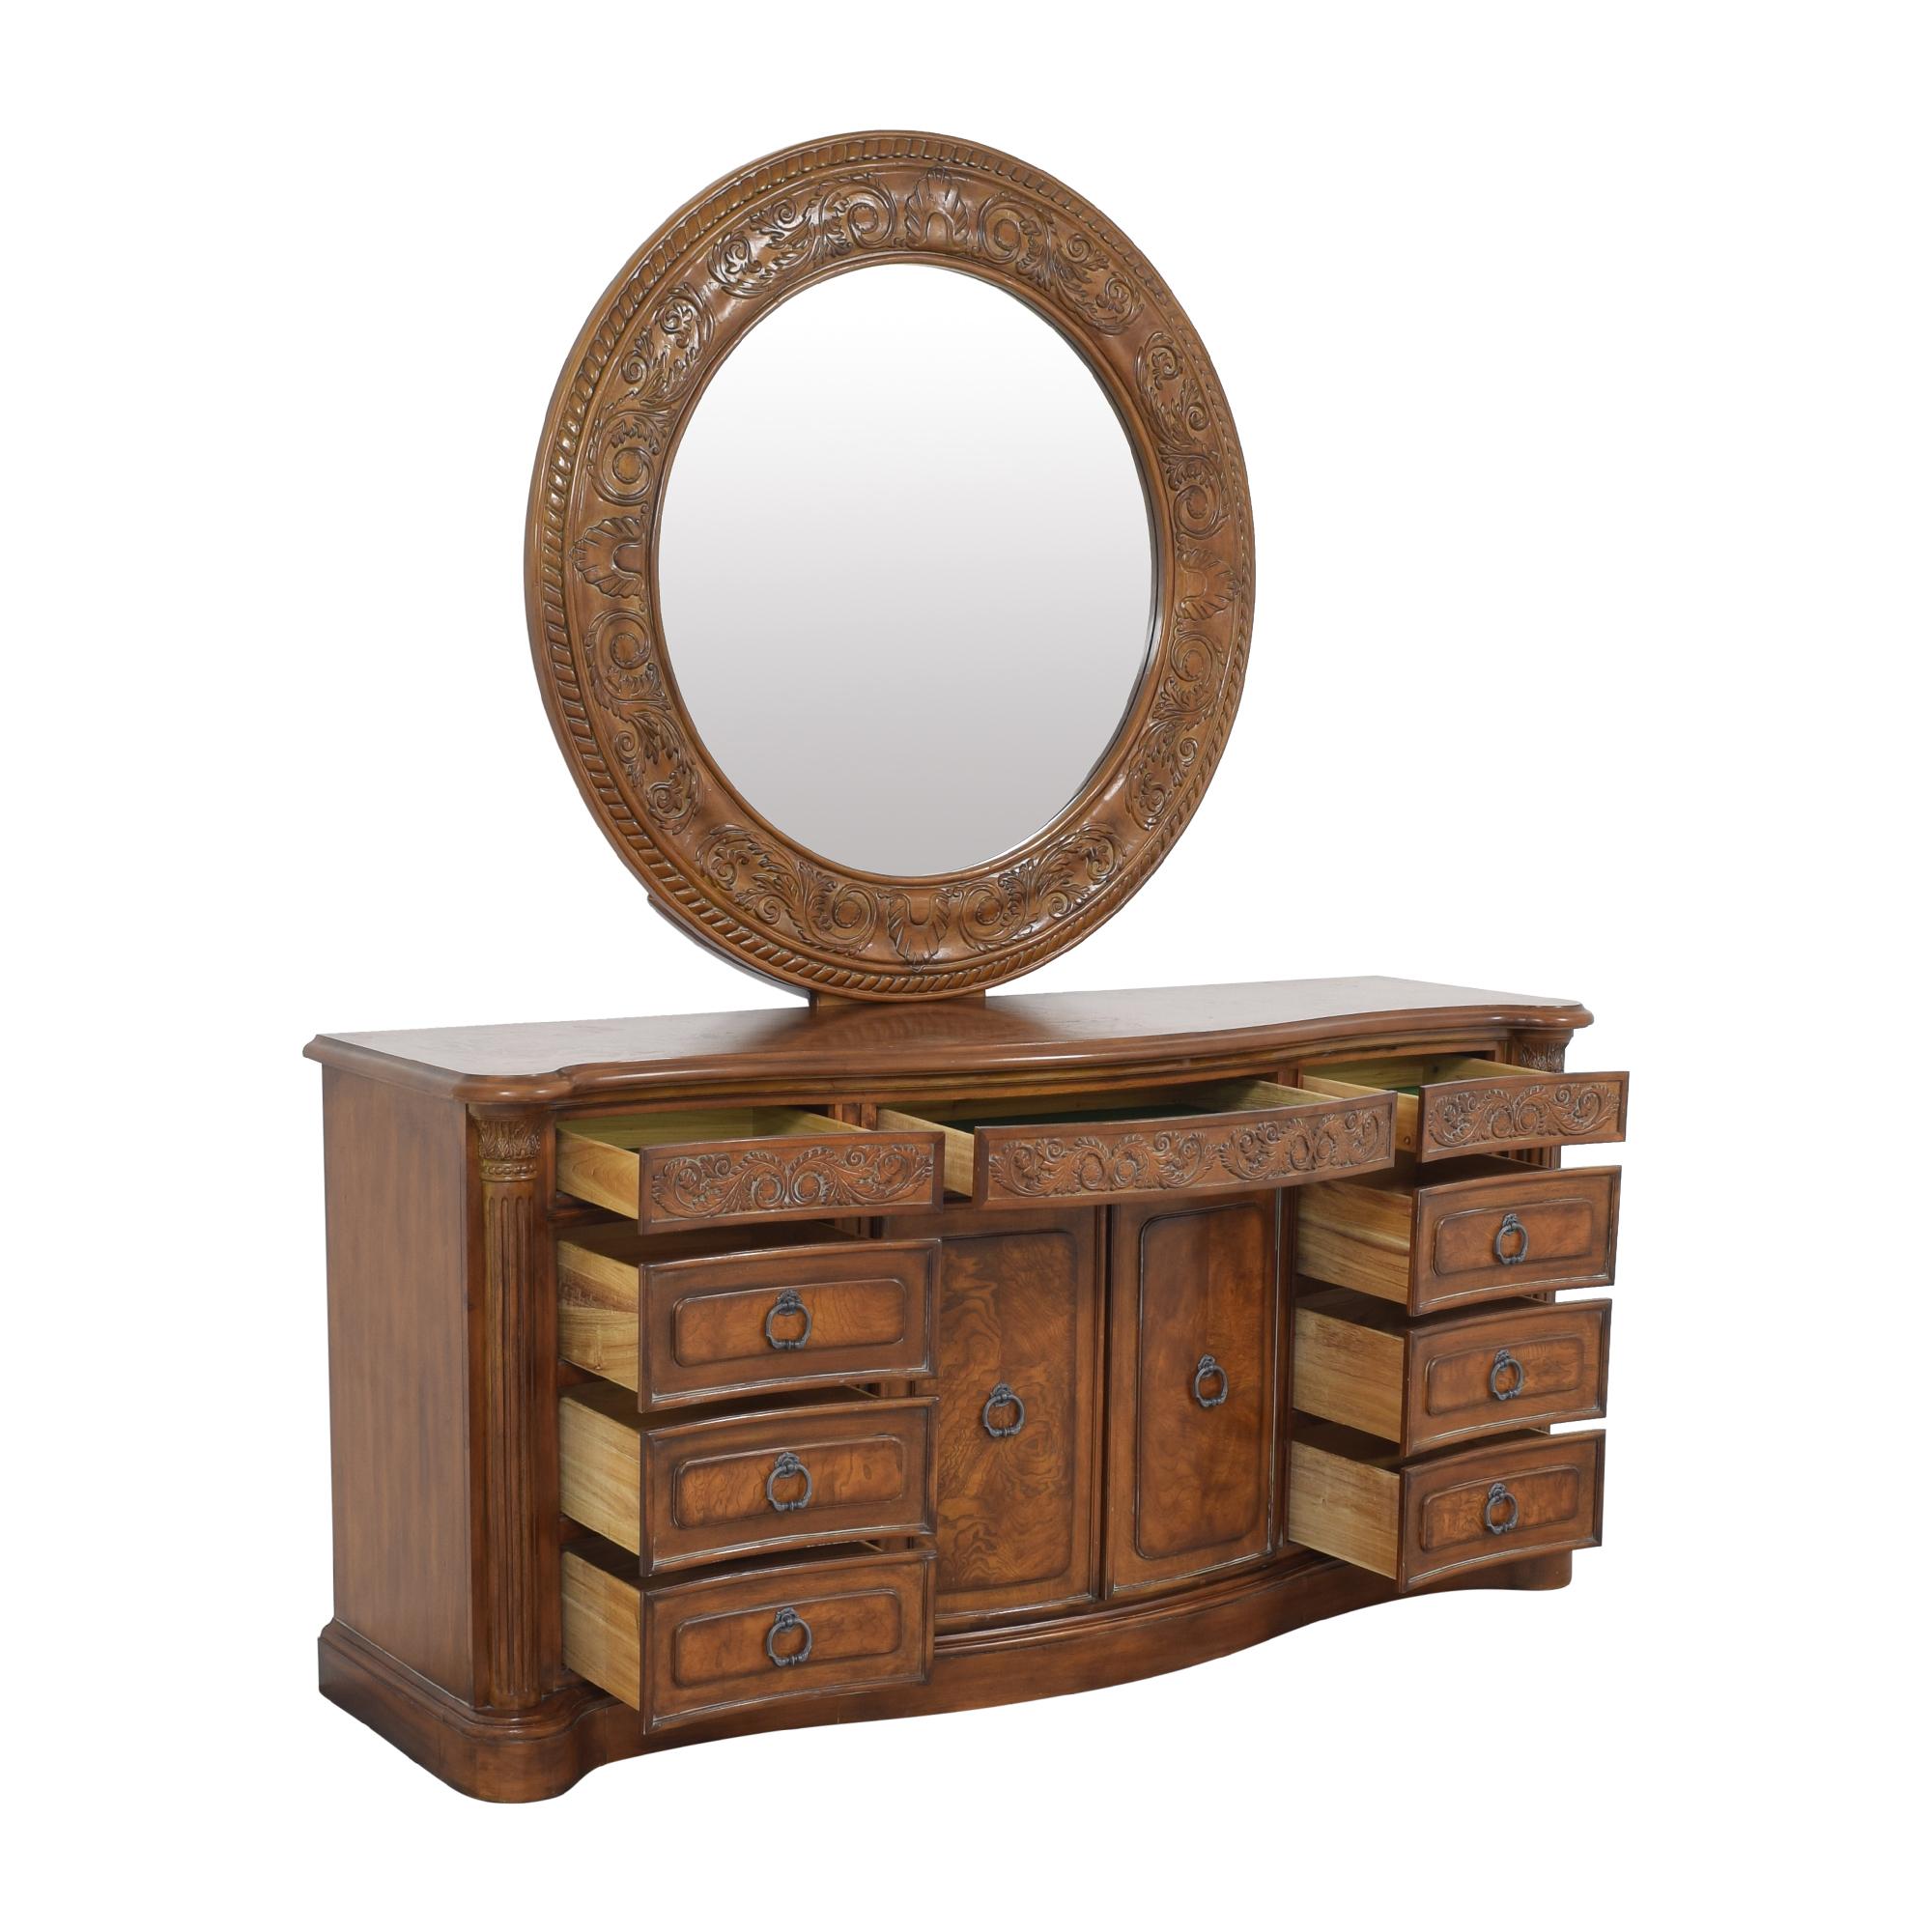 Collezione Europa Collezione Europa Dresser with Oval Mirror on sale